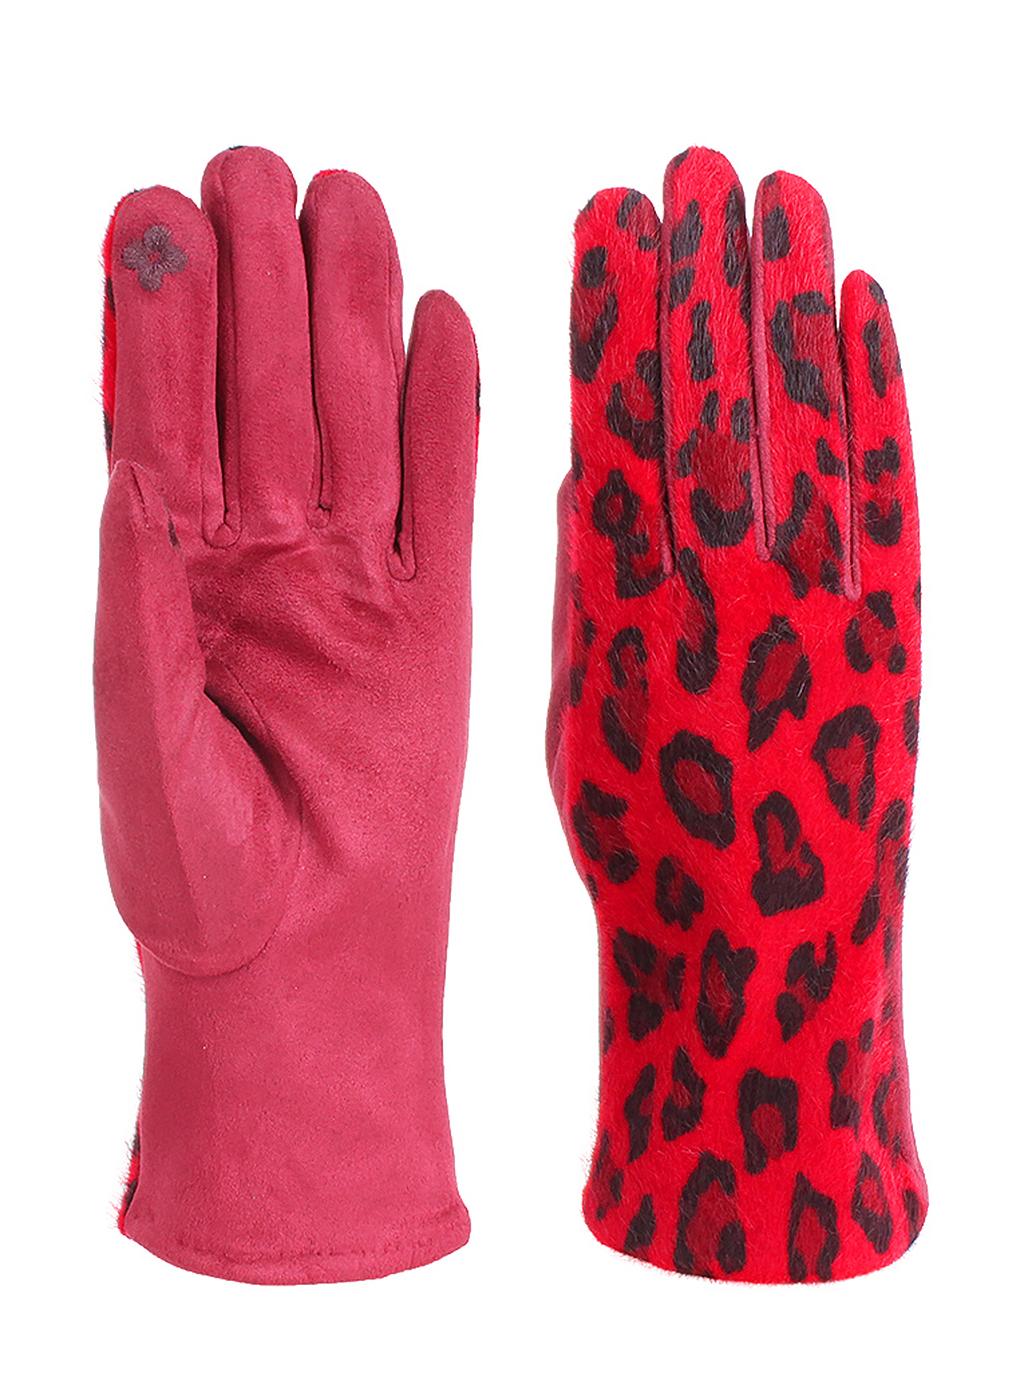 Перчатки женские из трикотажа 59, Lorentino фото